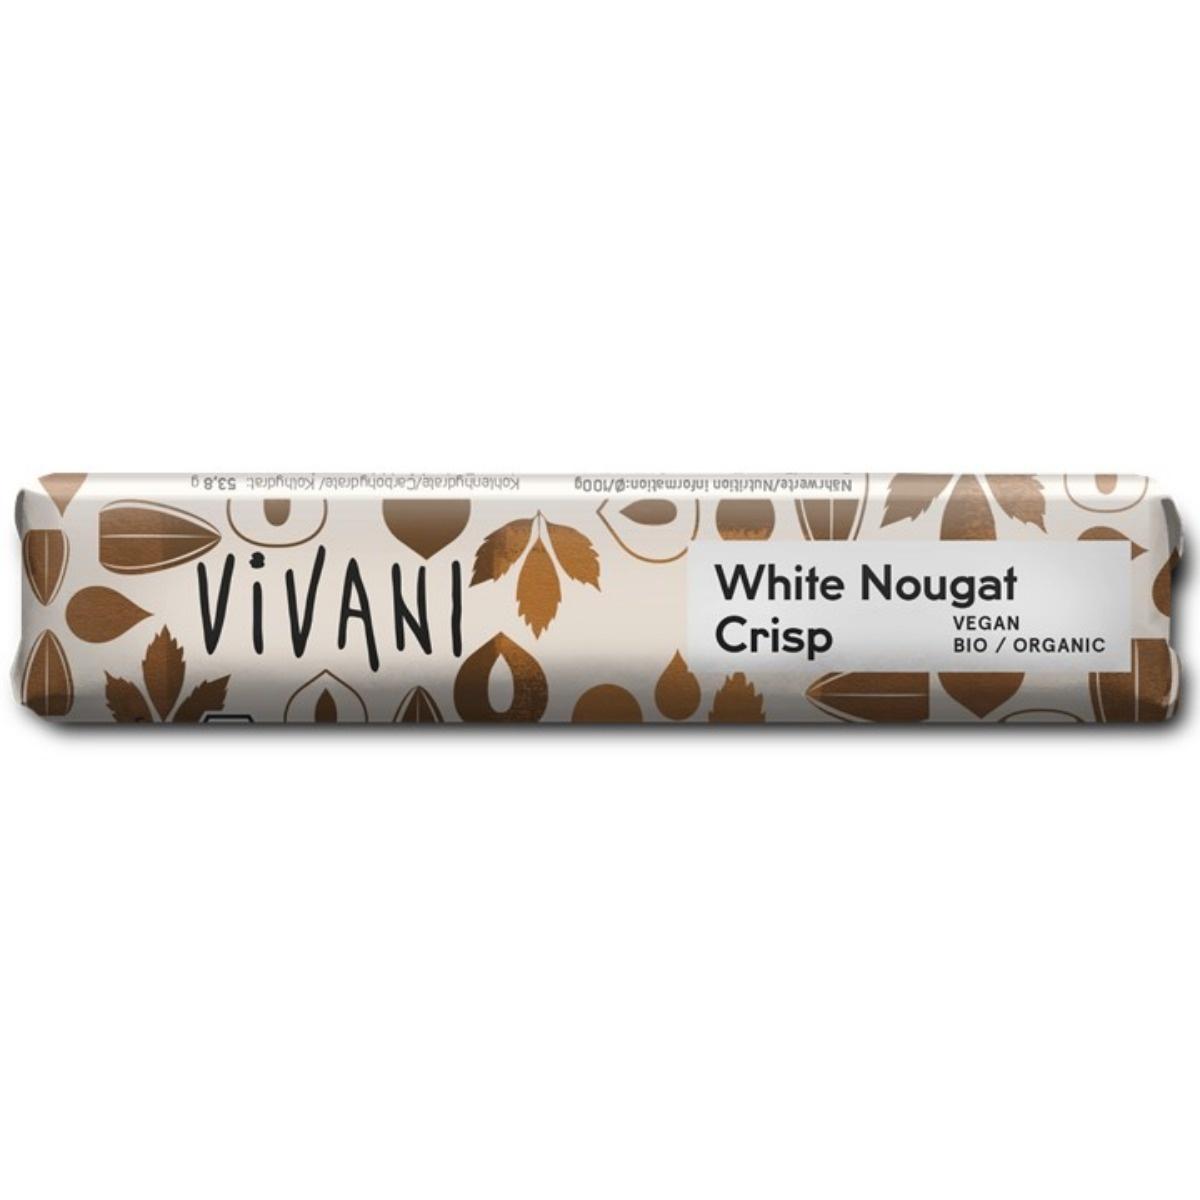 Vivani ricechoc white nougat crisp Biologisch